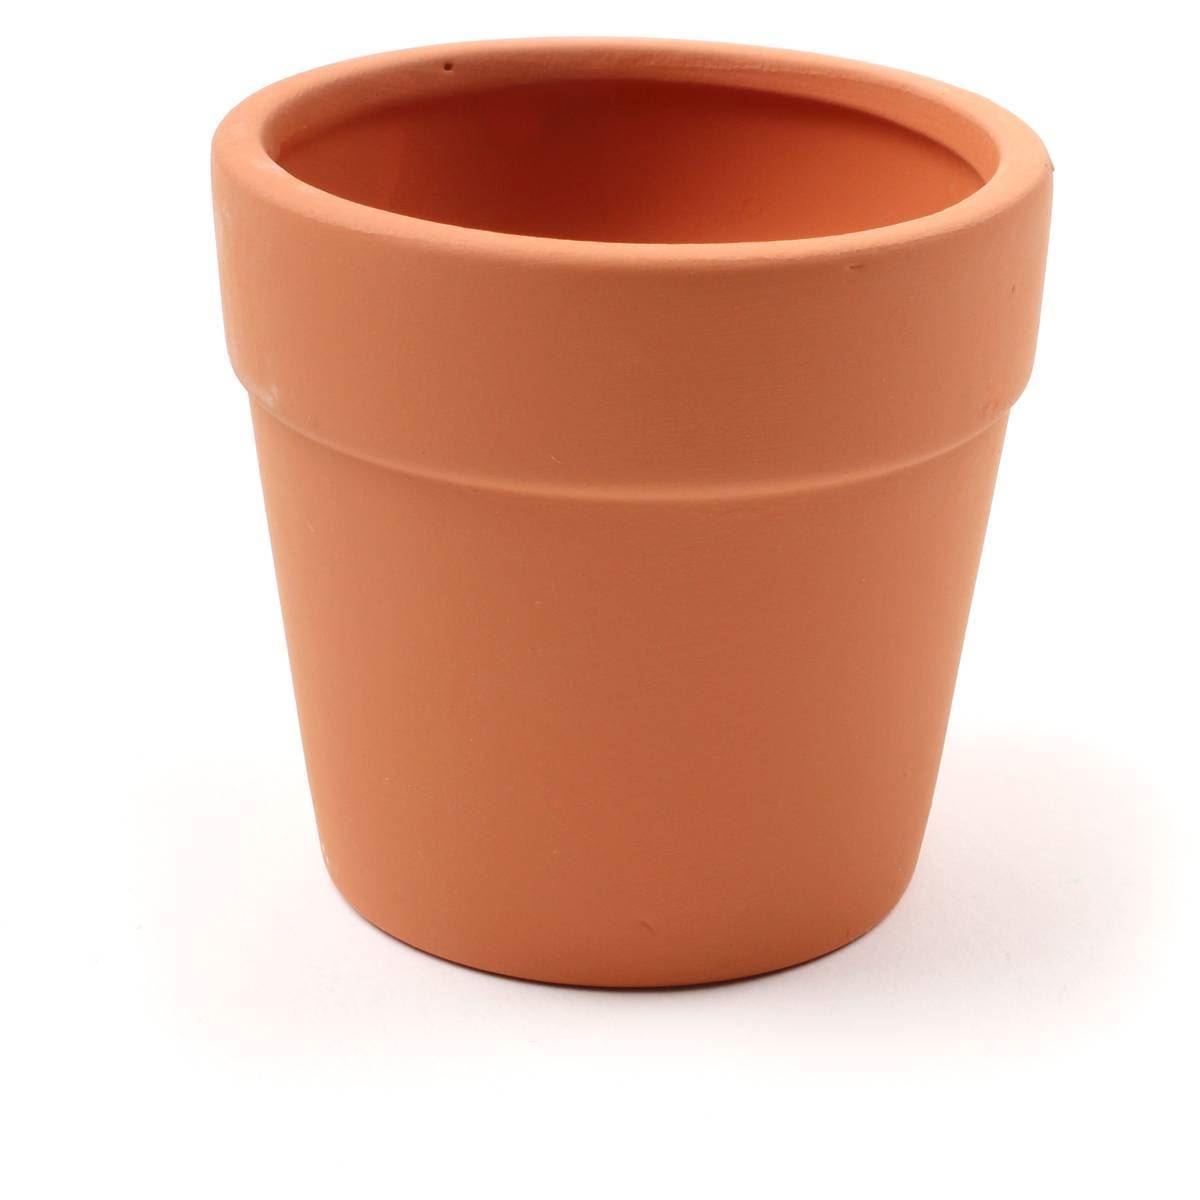 Flower Pots Terracotta: Large Terracotta Pot Ceramic Pottery Flower Planter